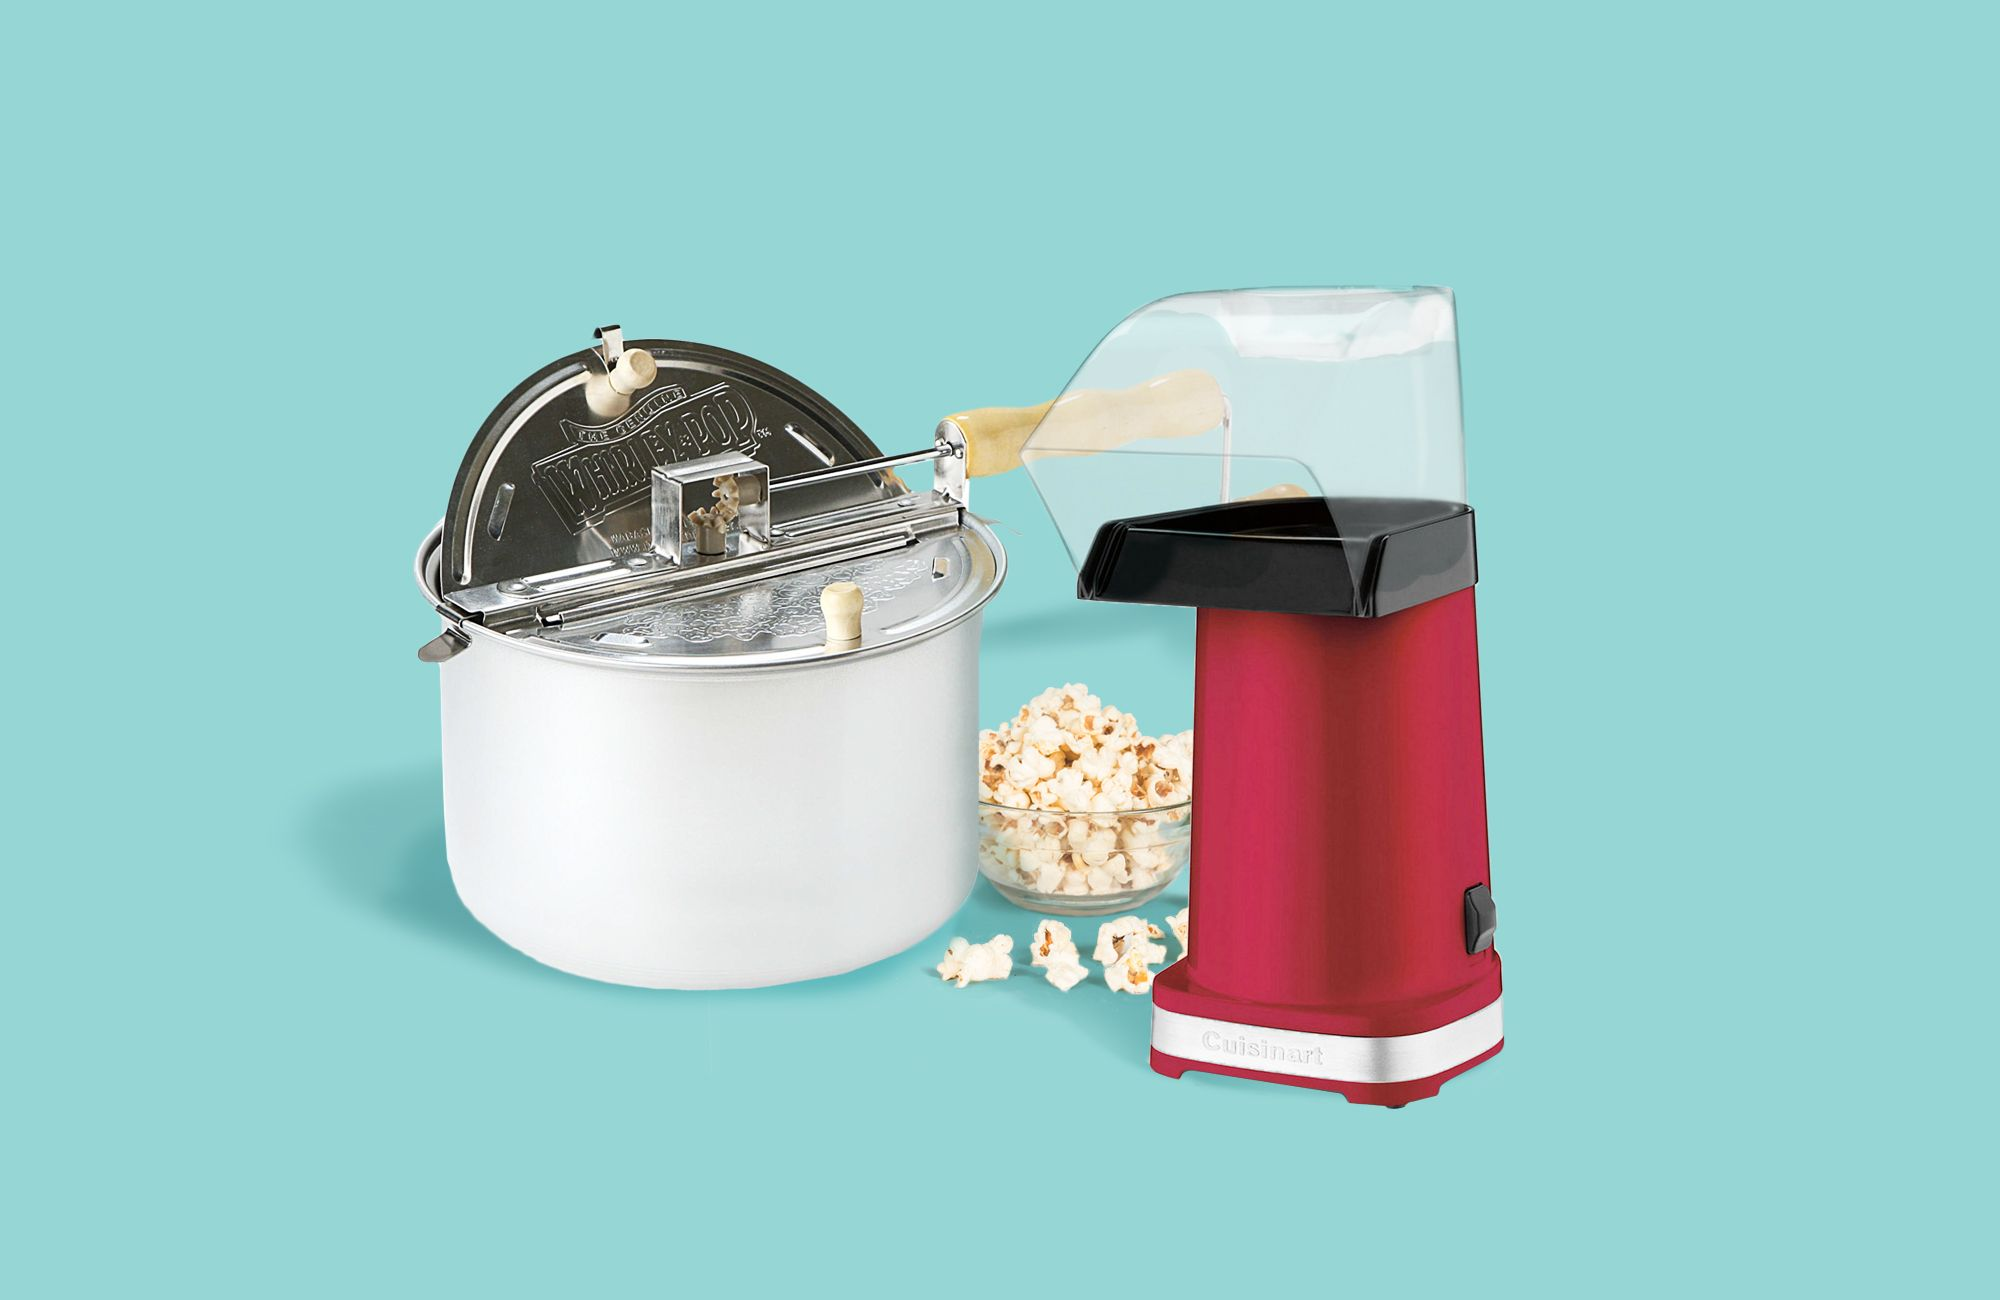 6 best popcorn makers of 2021 top